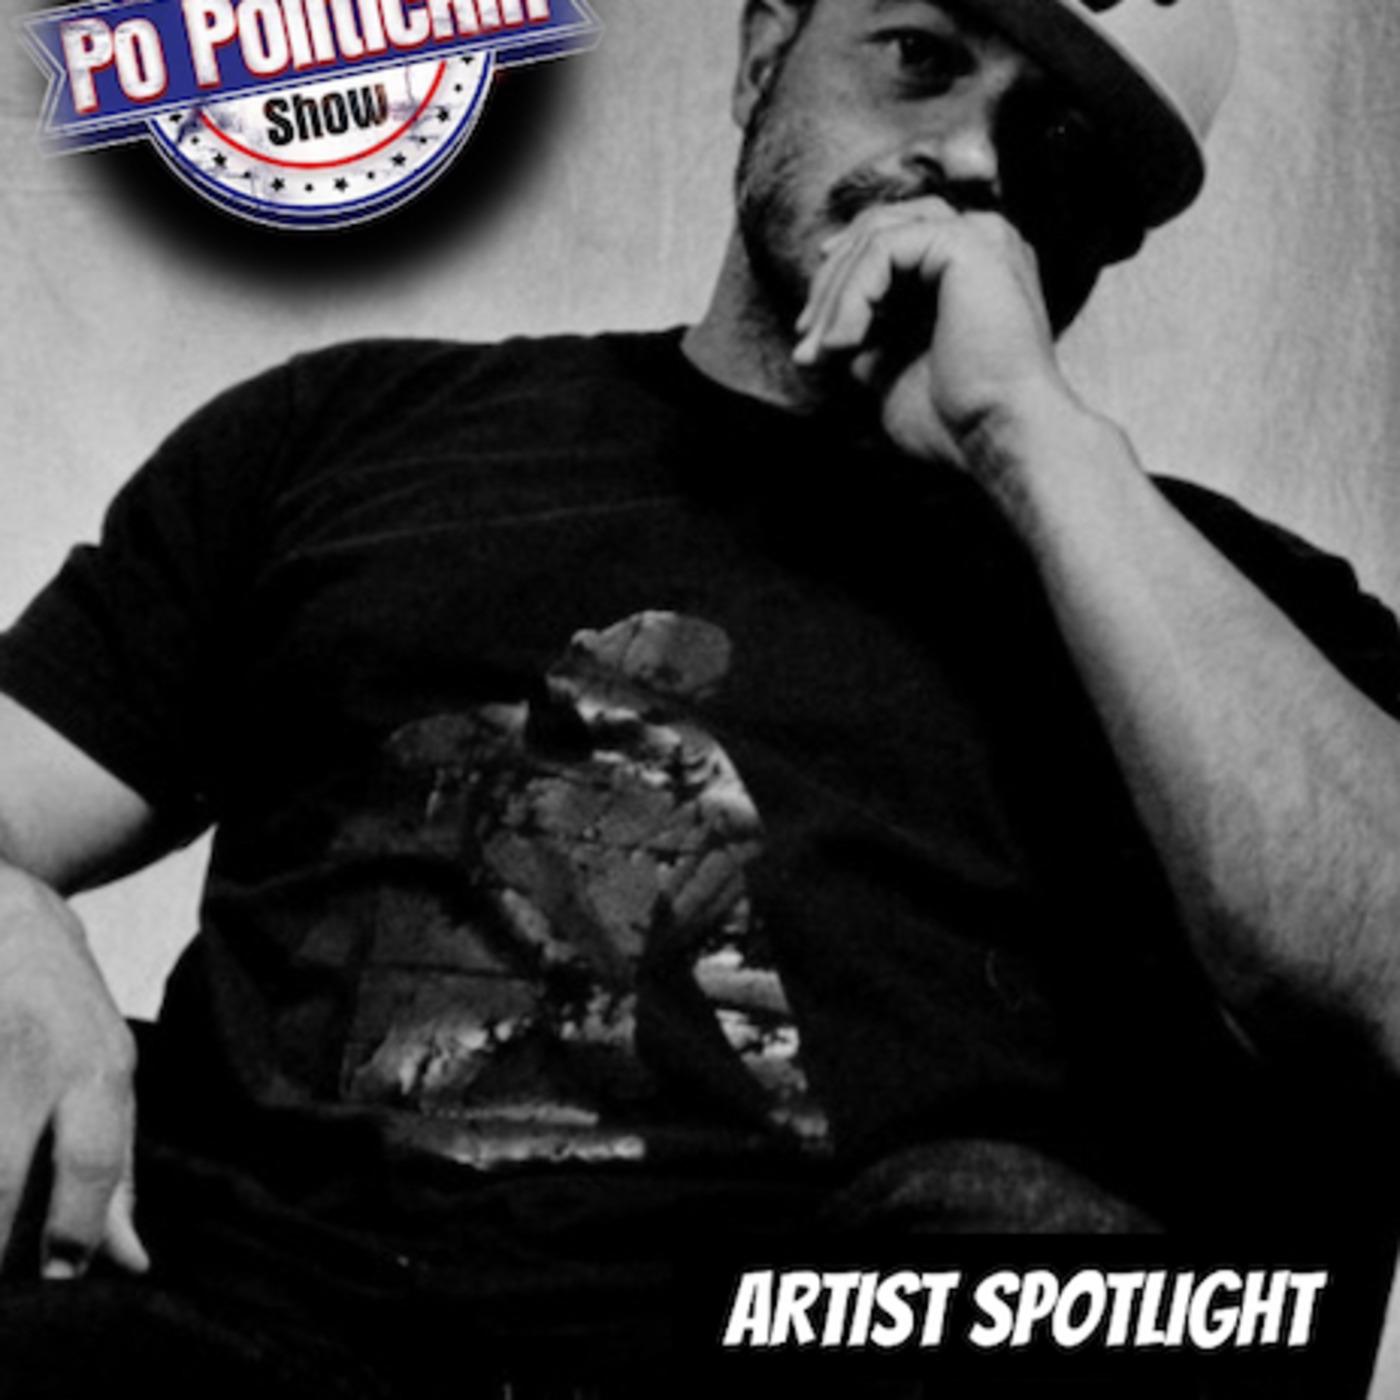 Artist Spotlight ... f2c5e0c11090